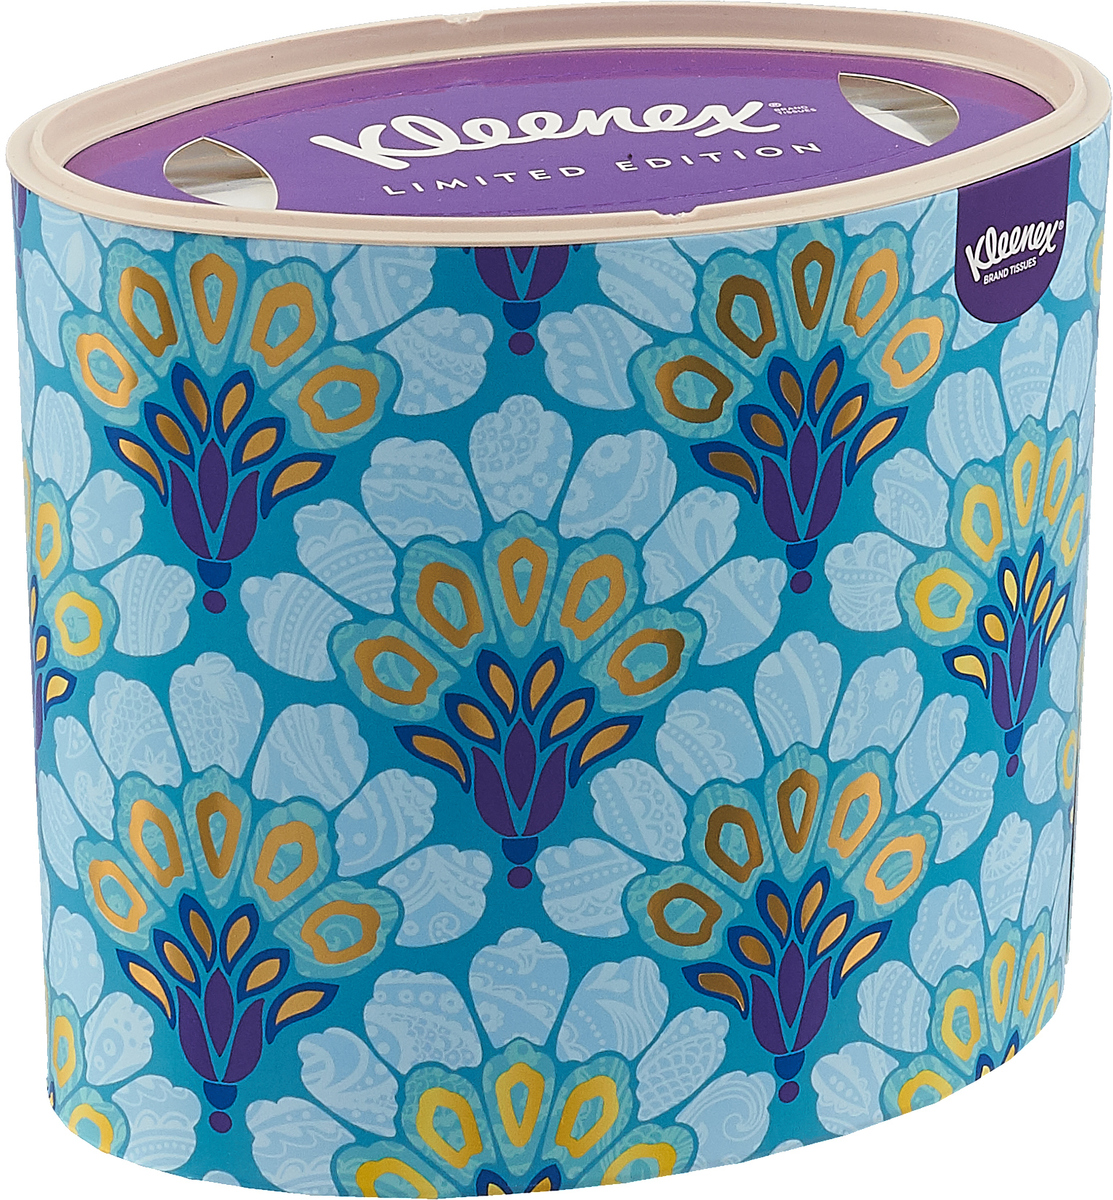 Kleenex Бумажные салфетки Decor, универсальные, цвет: бирюзовый, золотой, 64 шт удлинитель iek wyp10 06 05 03 n 3 м 5 розеток